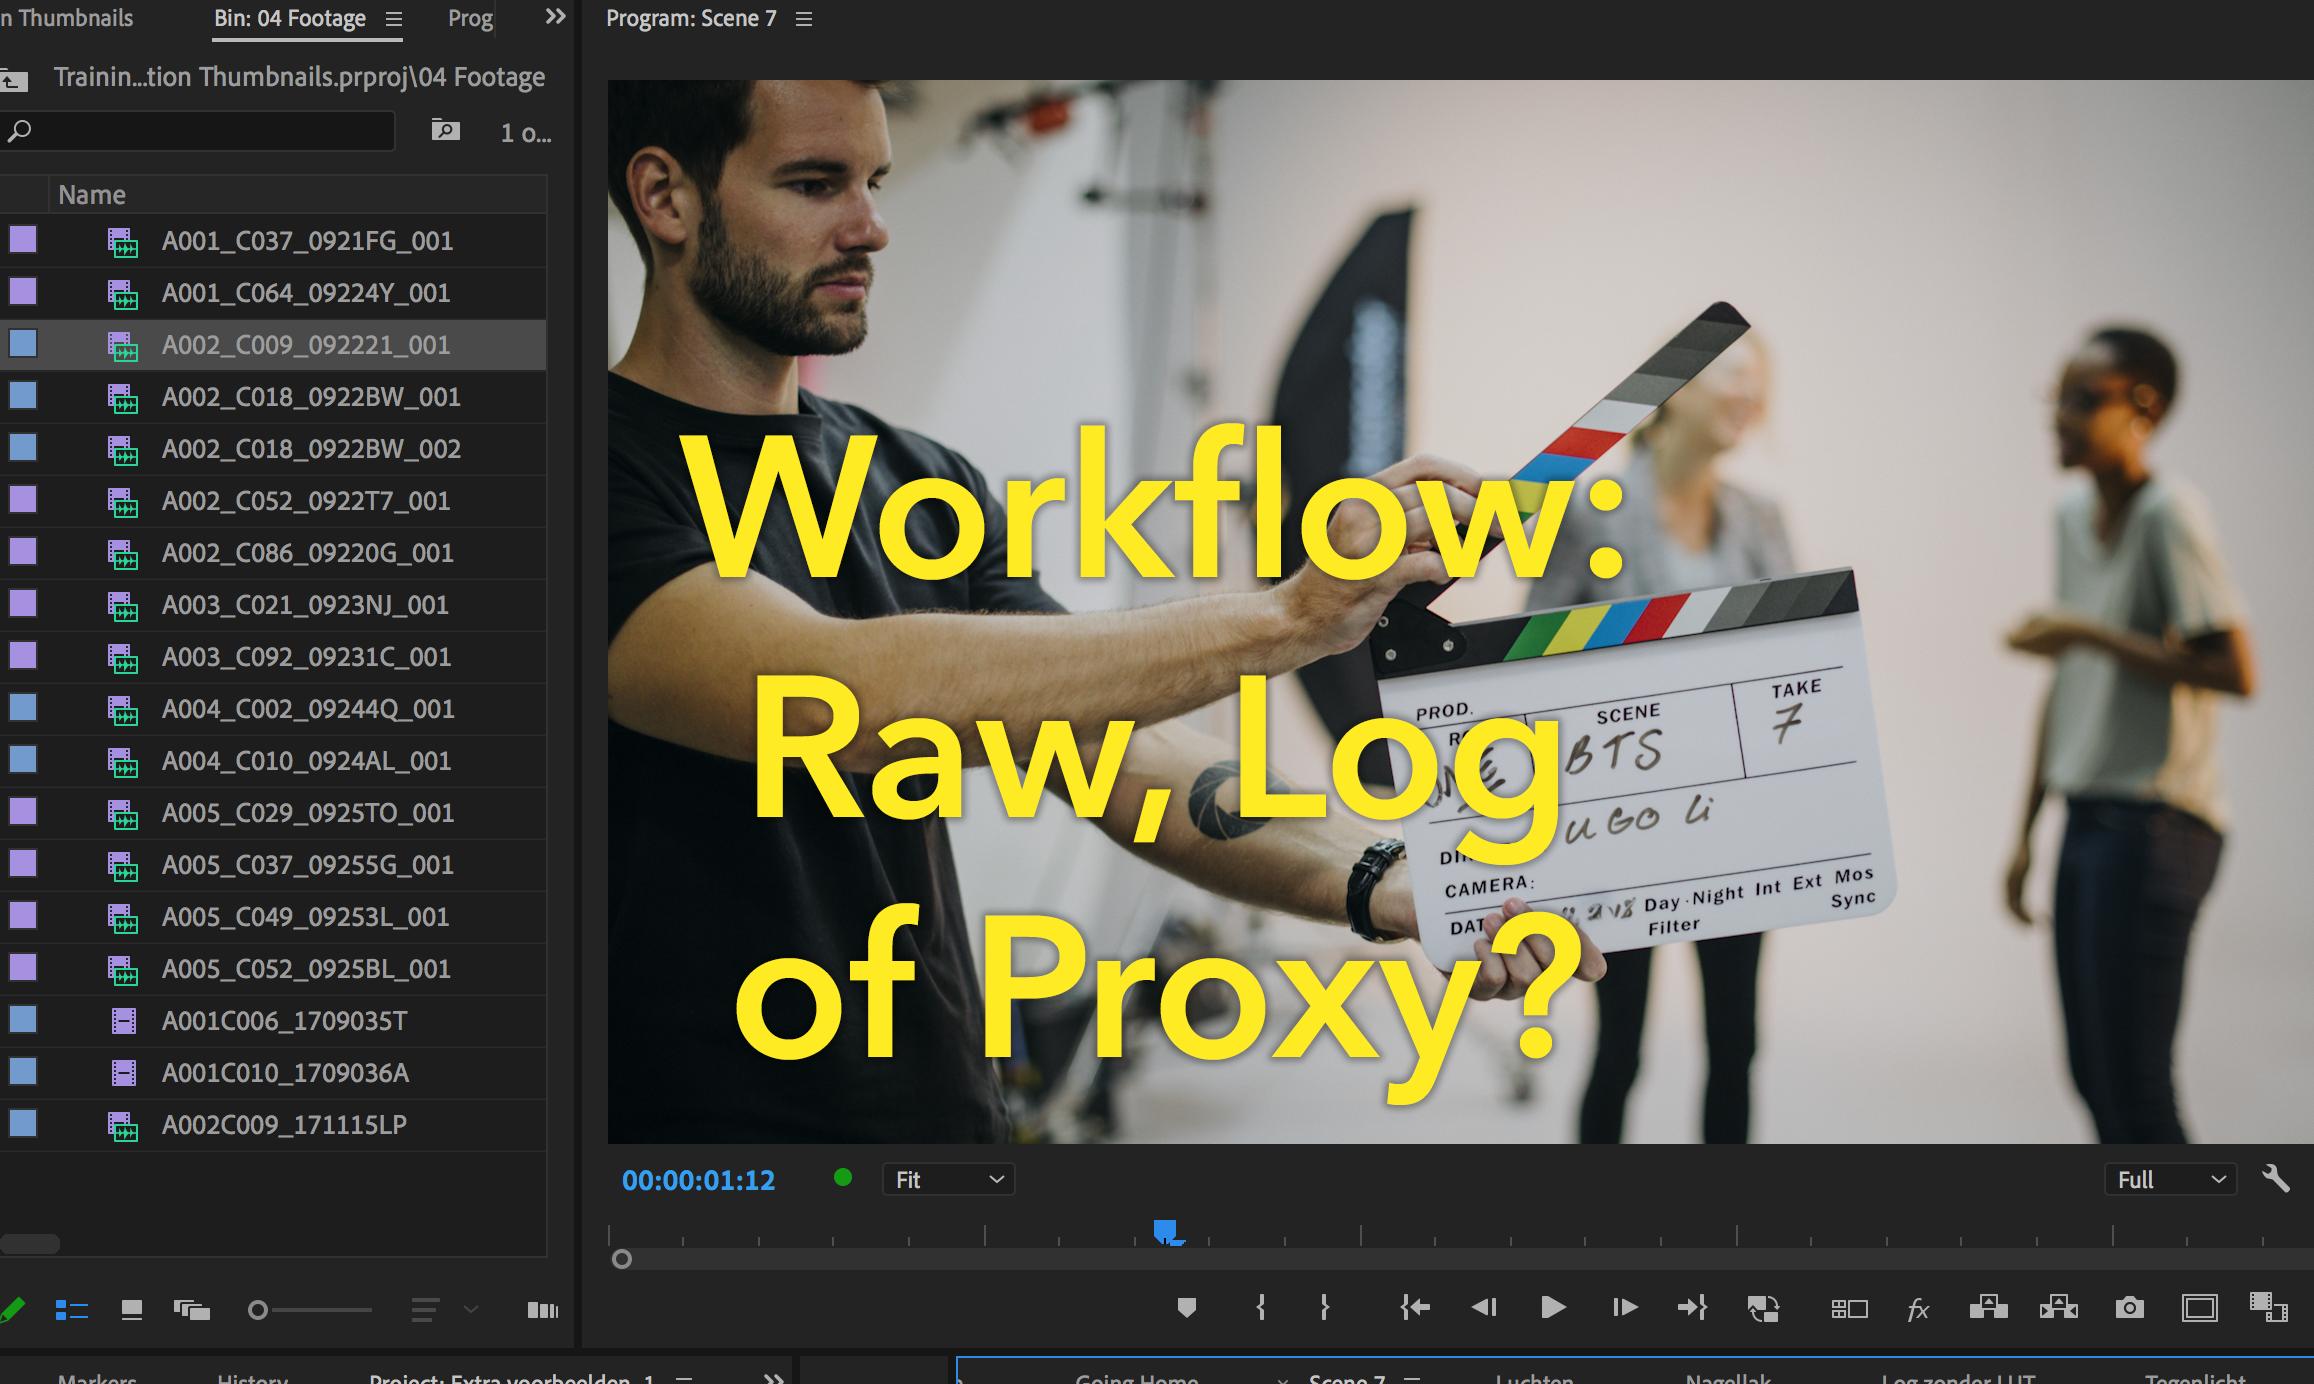 Premiere workflow: Raw, Log of Proxy?